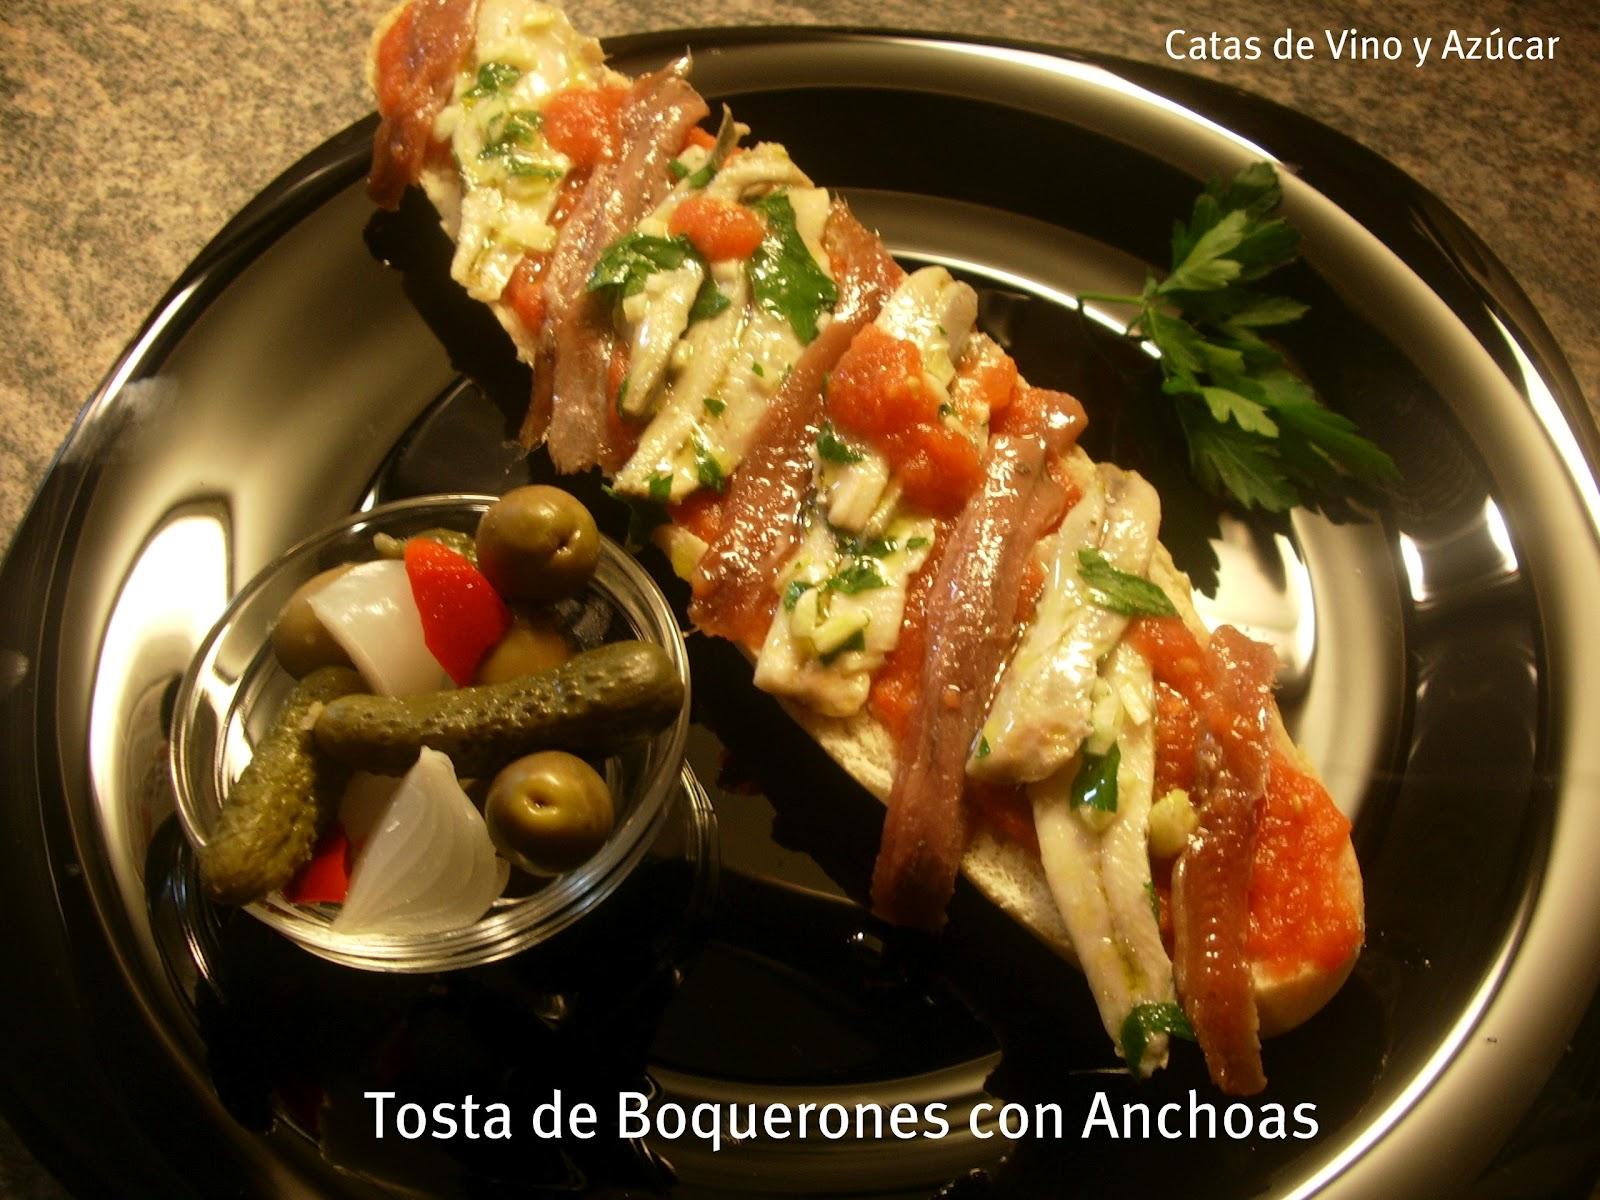 Catas de vino y az car tosta de boquerones con anchoas - Calorias boquerones en vinagre ...